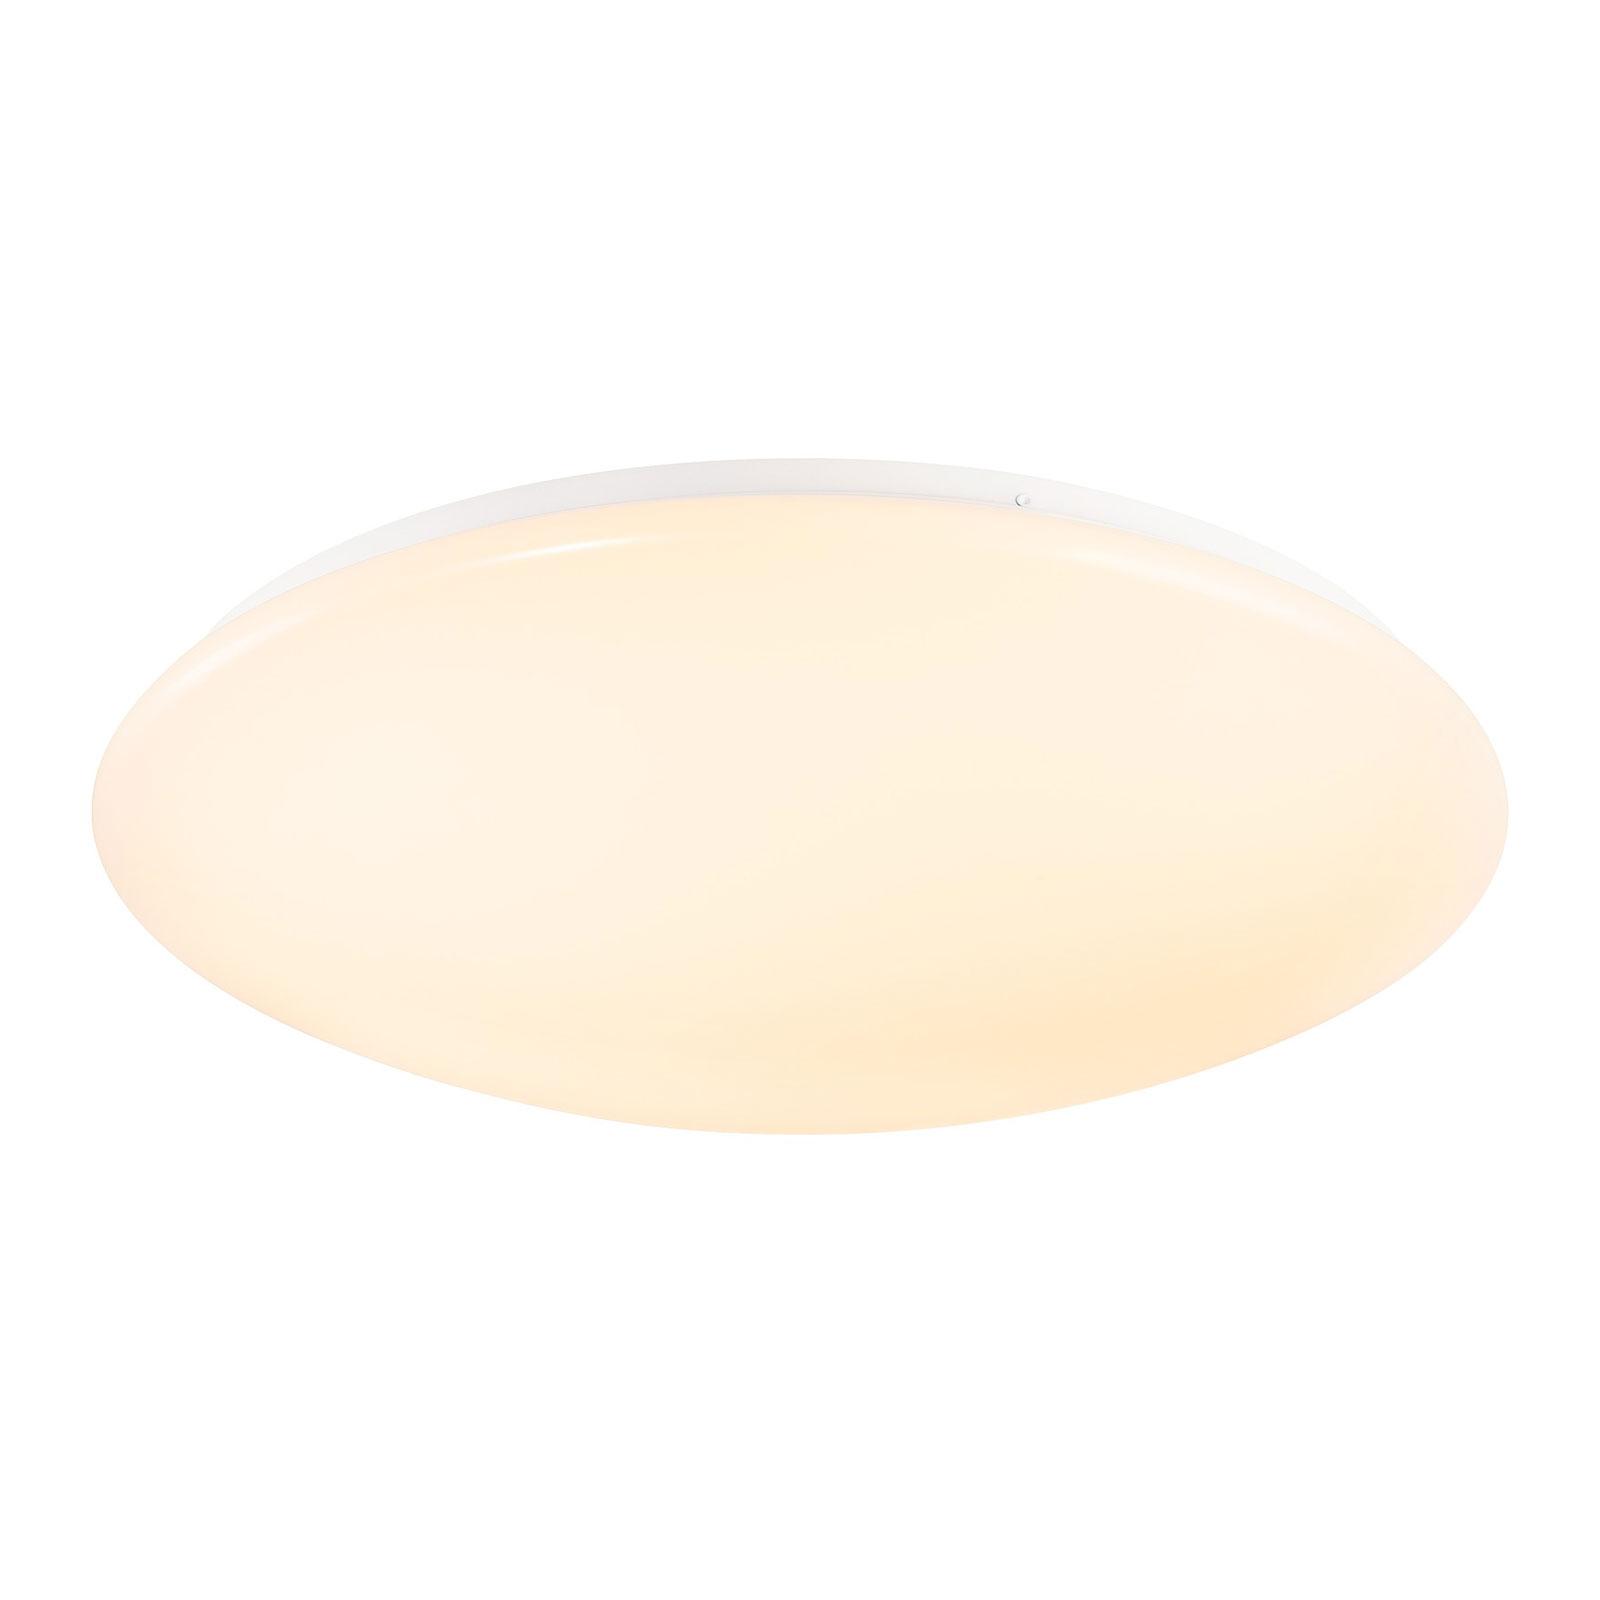 SLV VALETO Lipsy LED wandlamp, Ø 49,6 cm